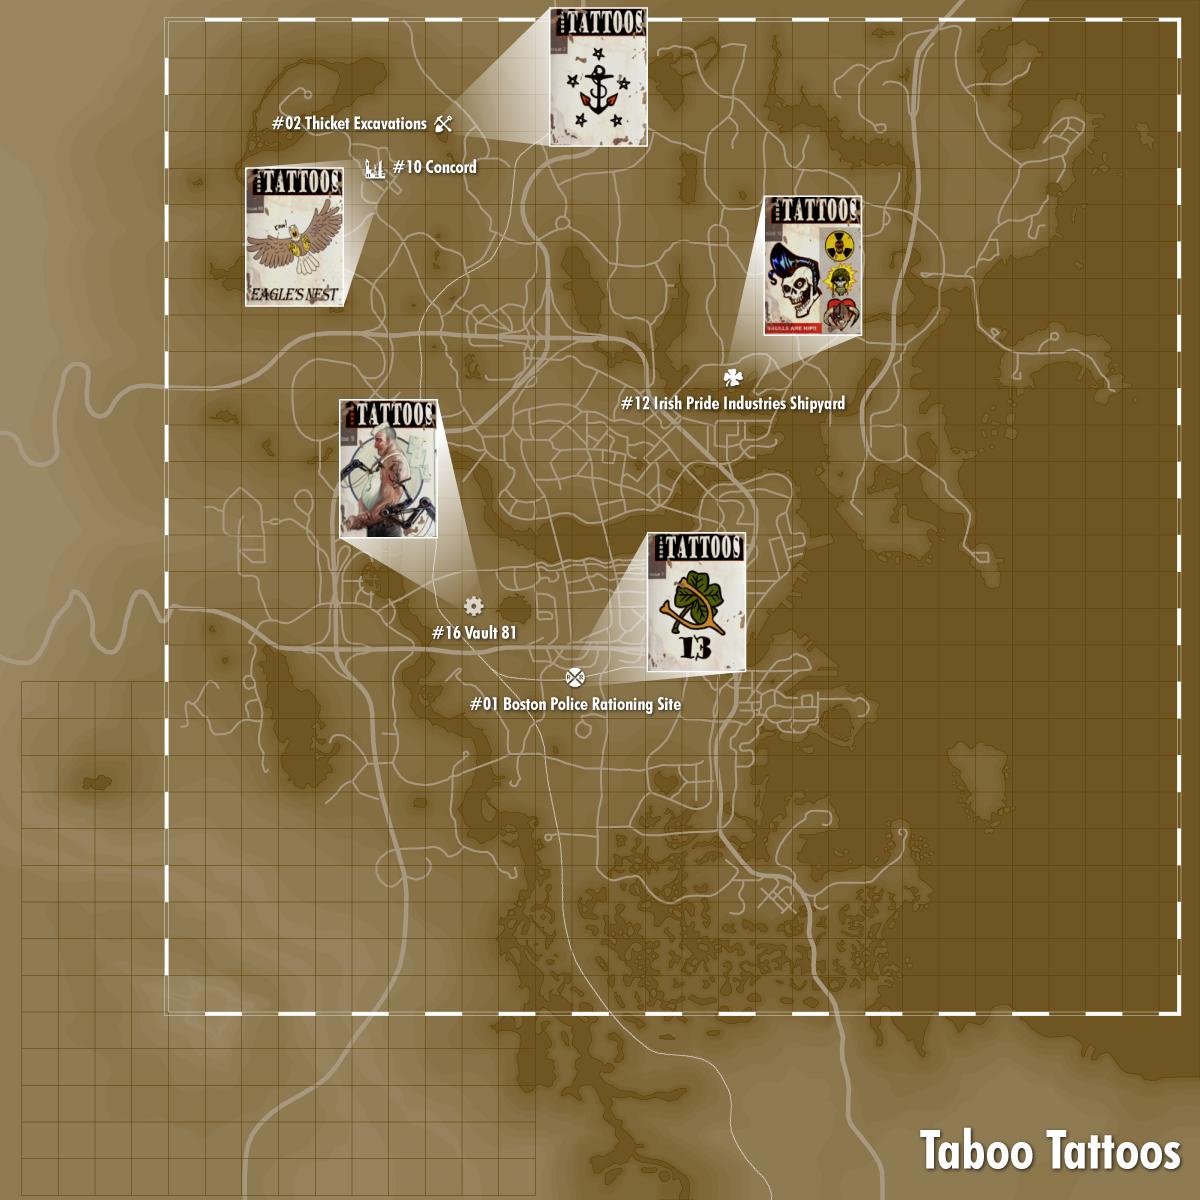 Taboo Tattoos locations | Videospiele, Computerspiele und Spiele